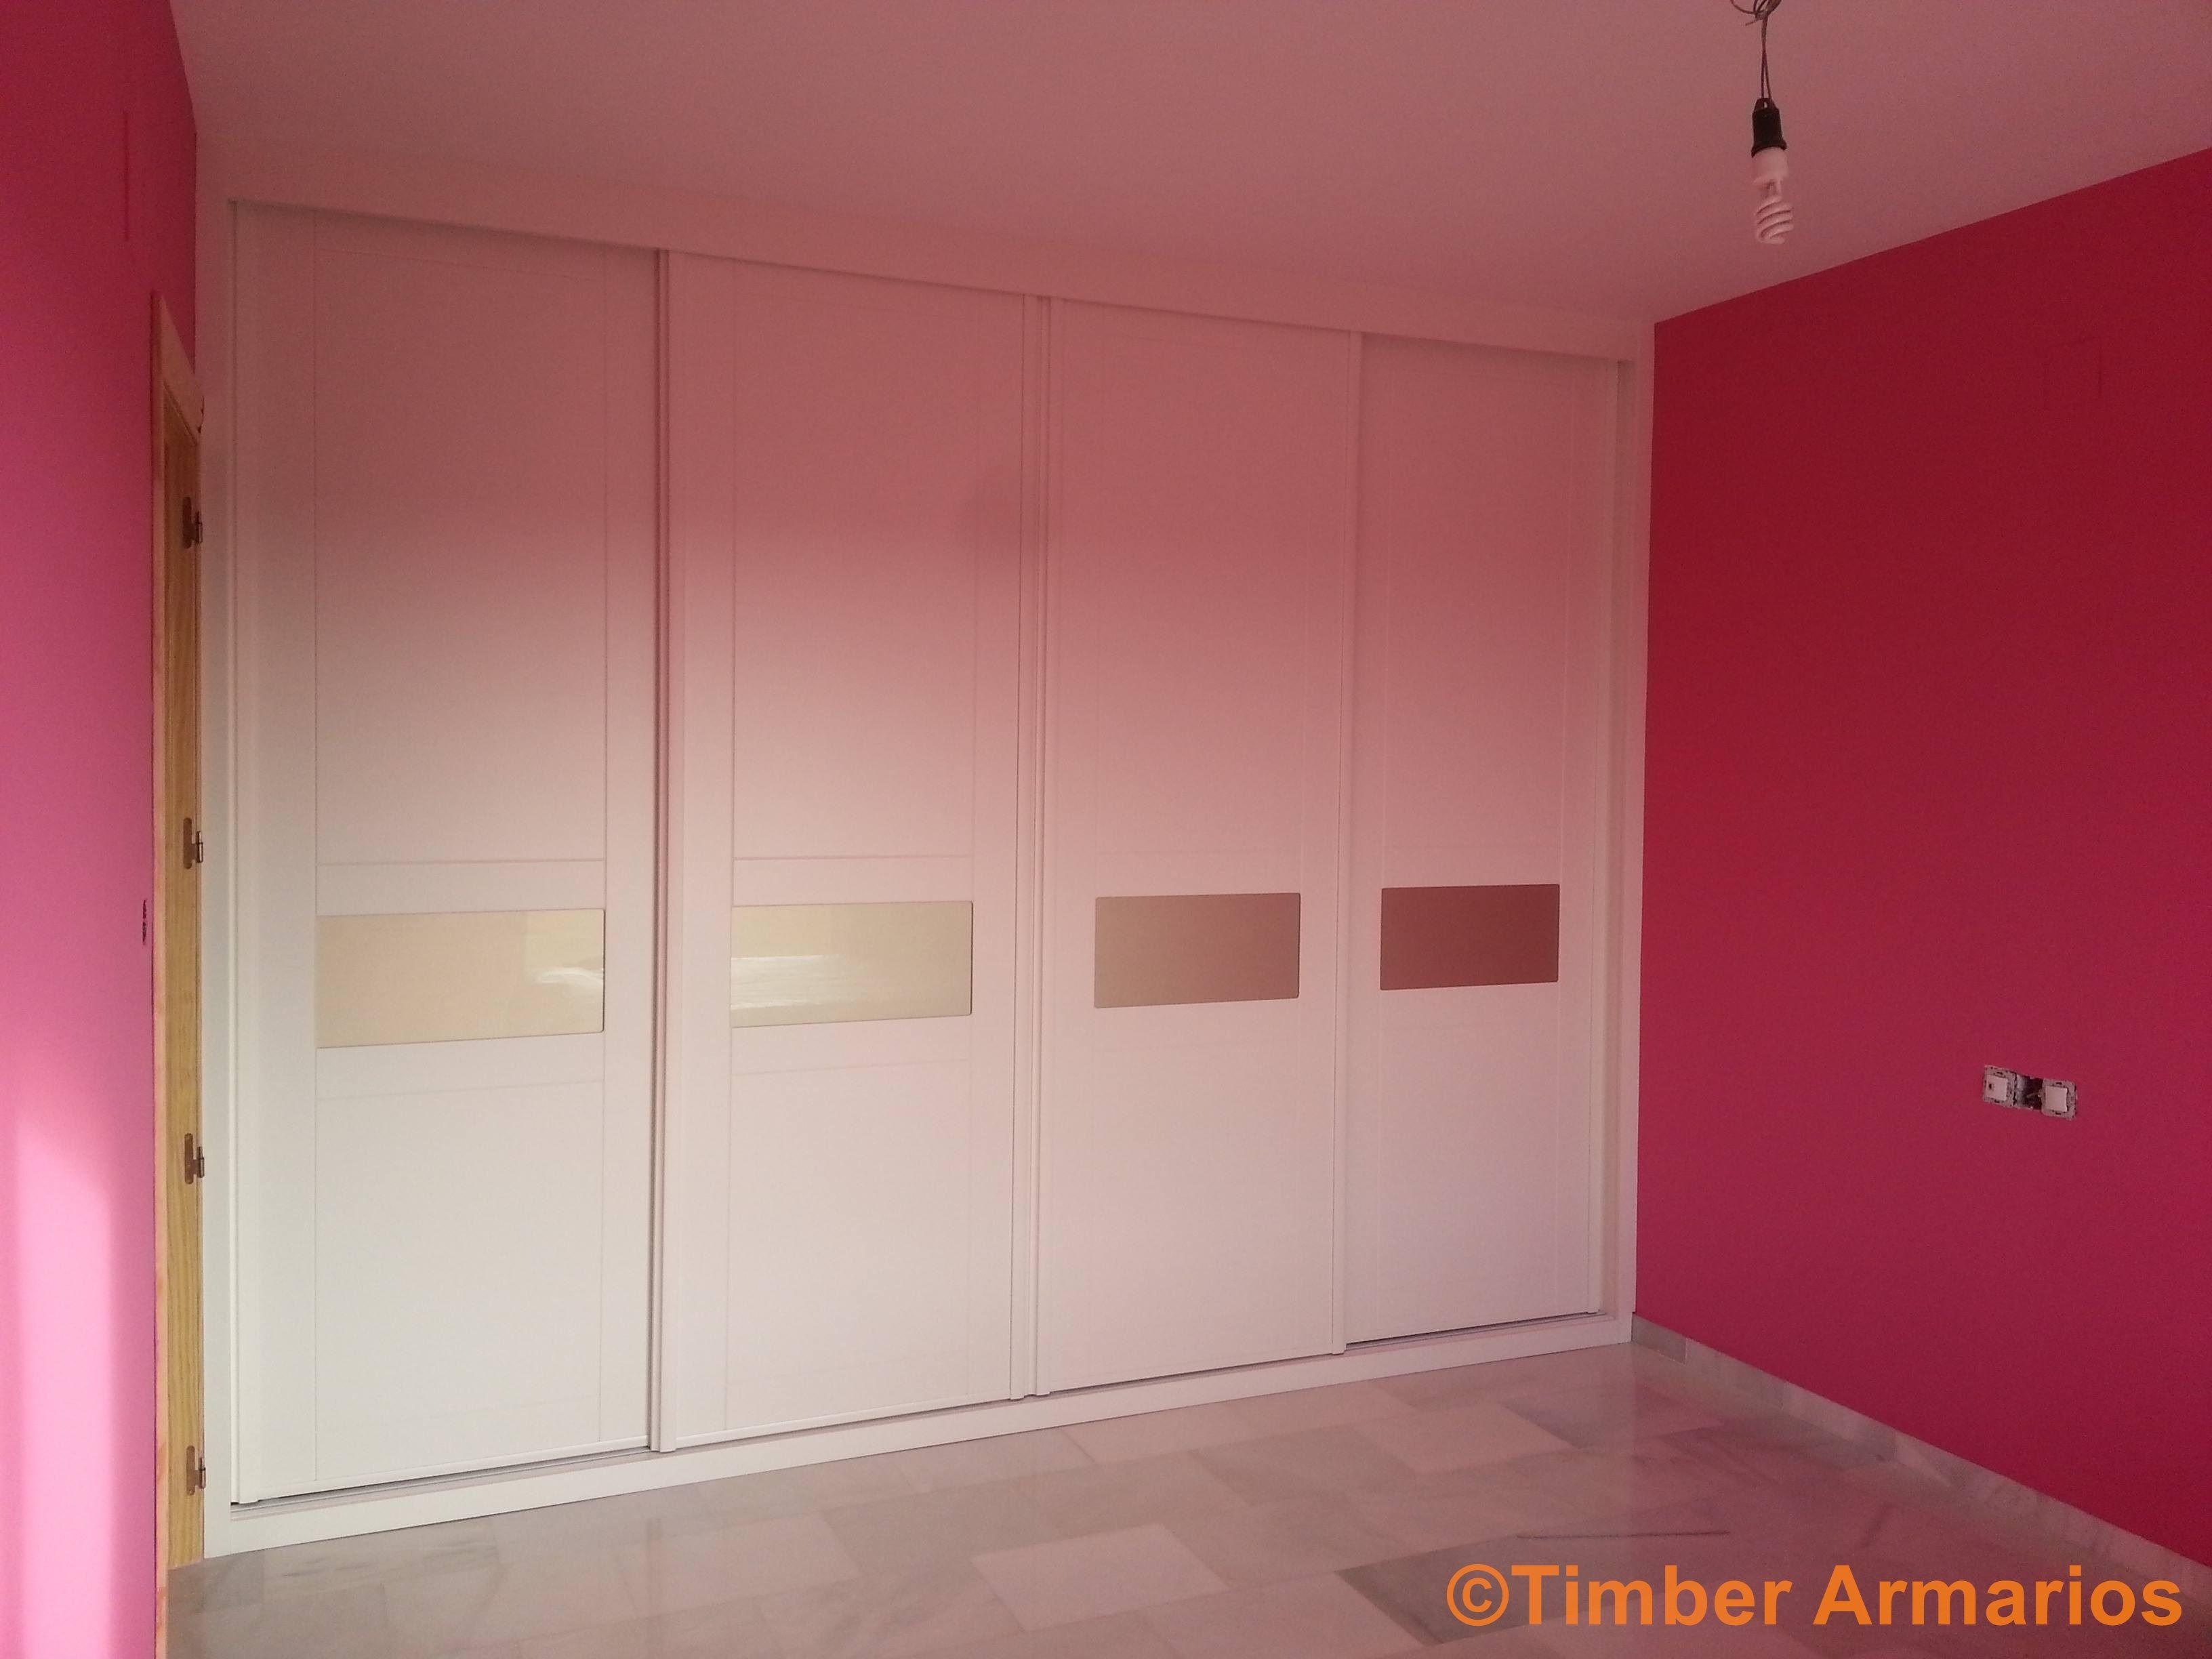 Tipos de puerta para armarios a medida timber armarios - Medida de puertas ...